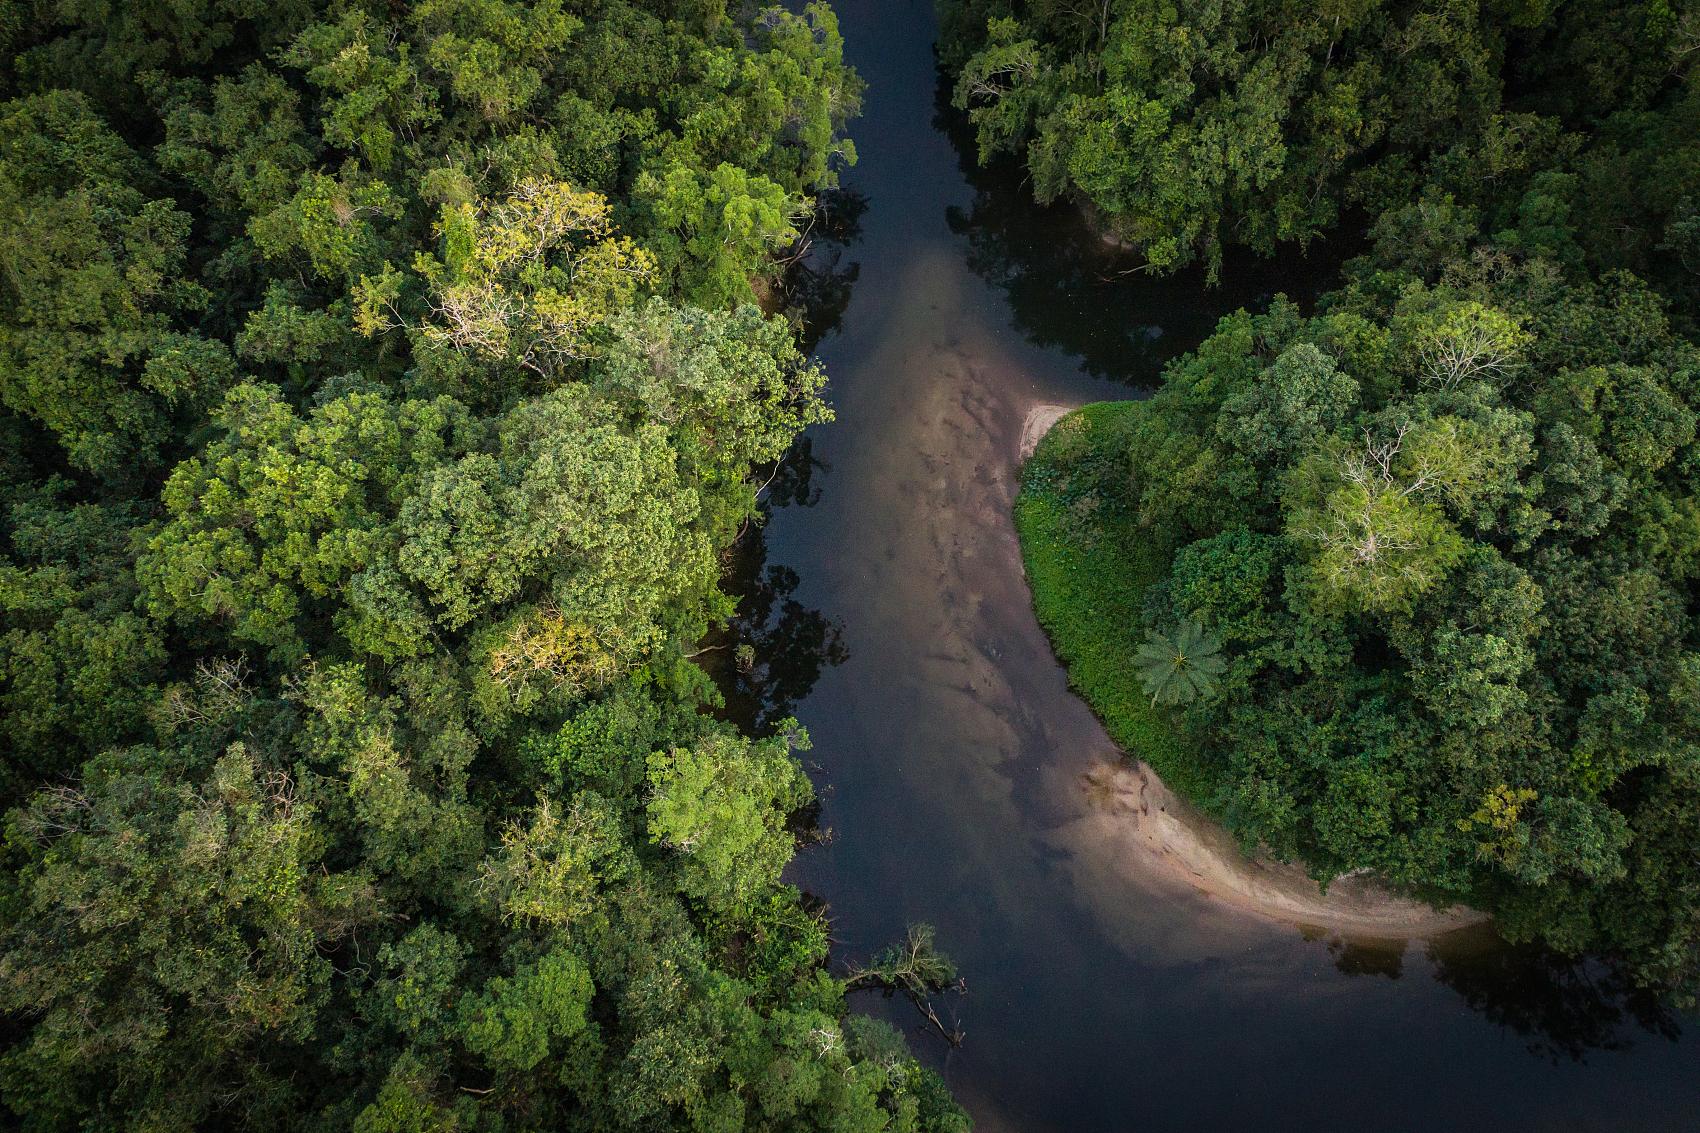 中国企业出海,拉美市场就是遍布食人鱼的亚马逊河